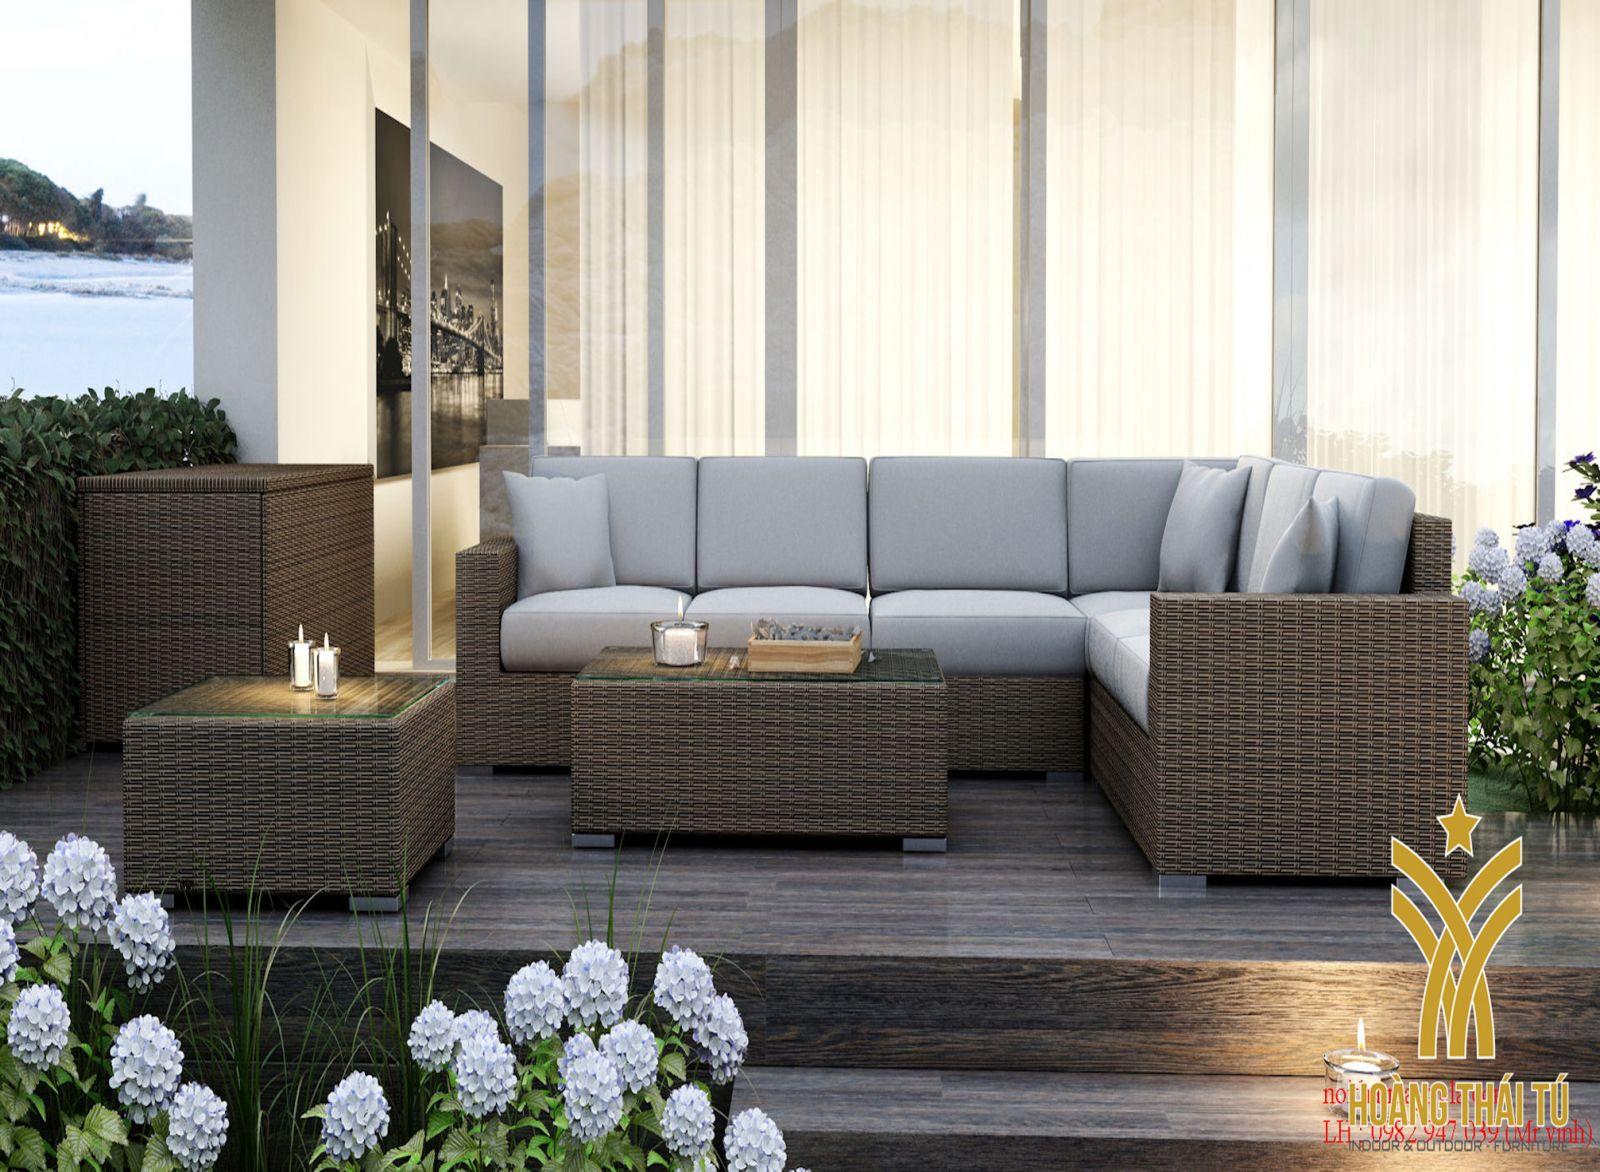 bộ sofa đan nhựa giả mây